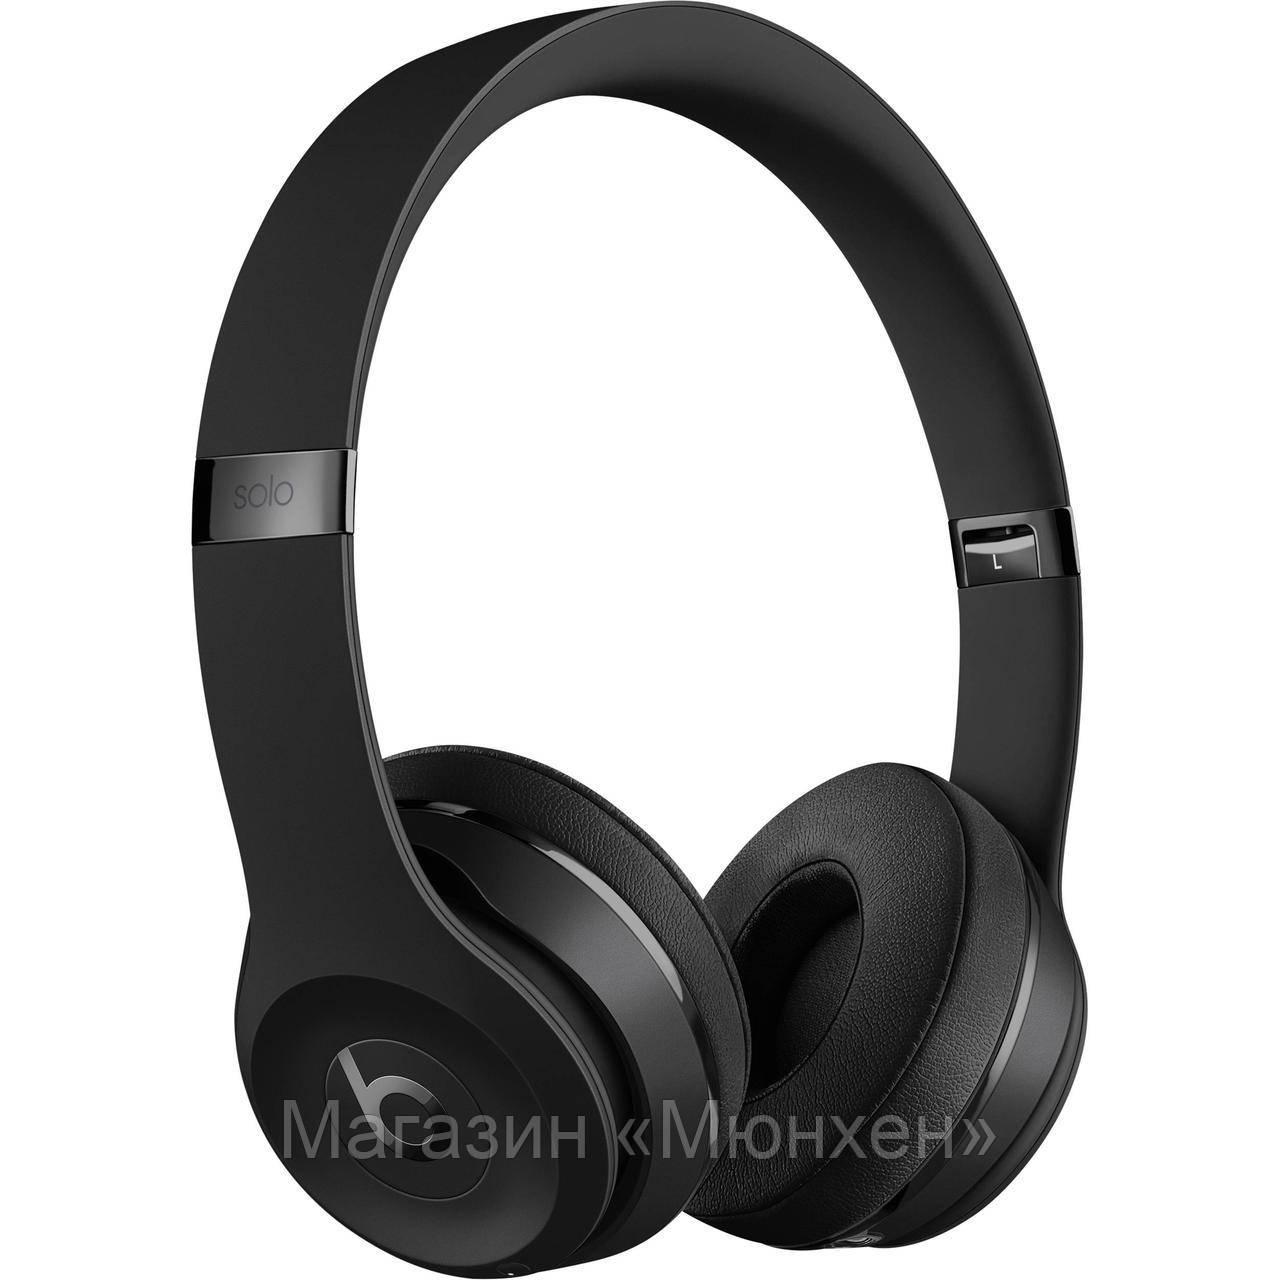 Наушники беспроводные Beats Solo3 Wireless Black, Rose Gold, Silver, Харьков - Магазин «Мюнхен» в Харькове